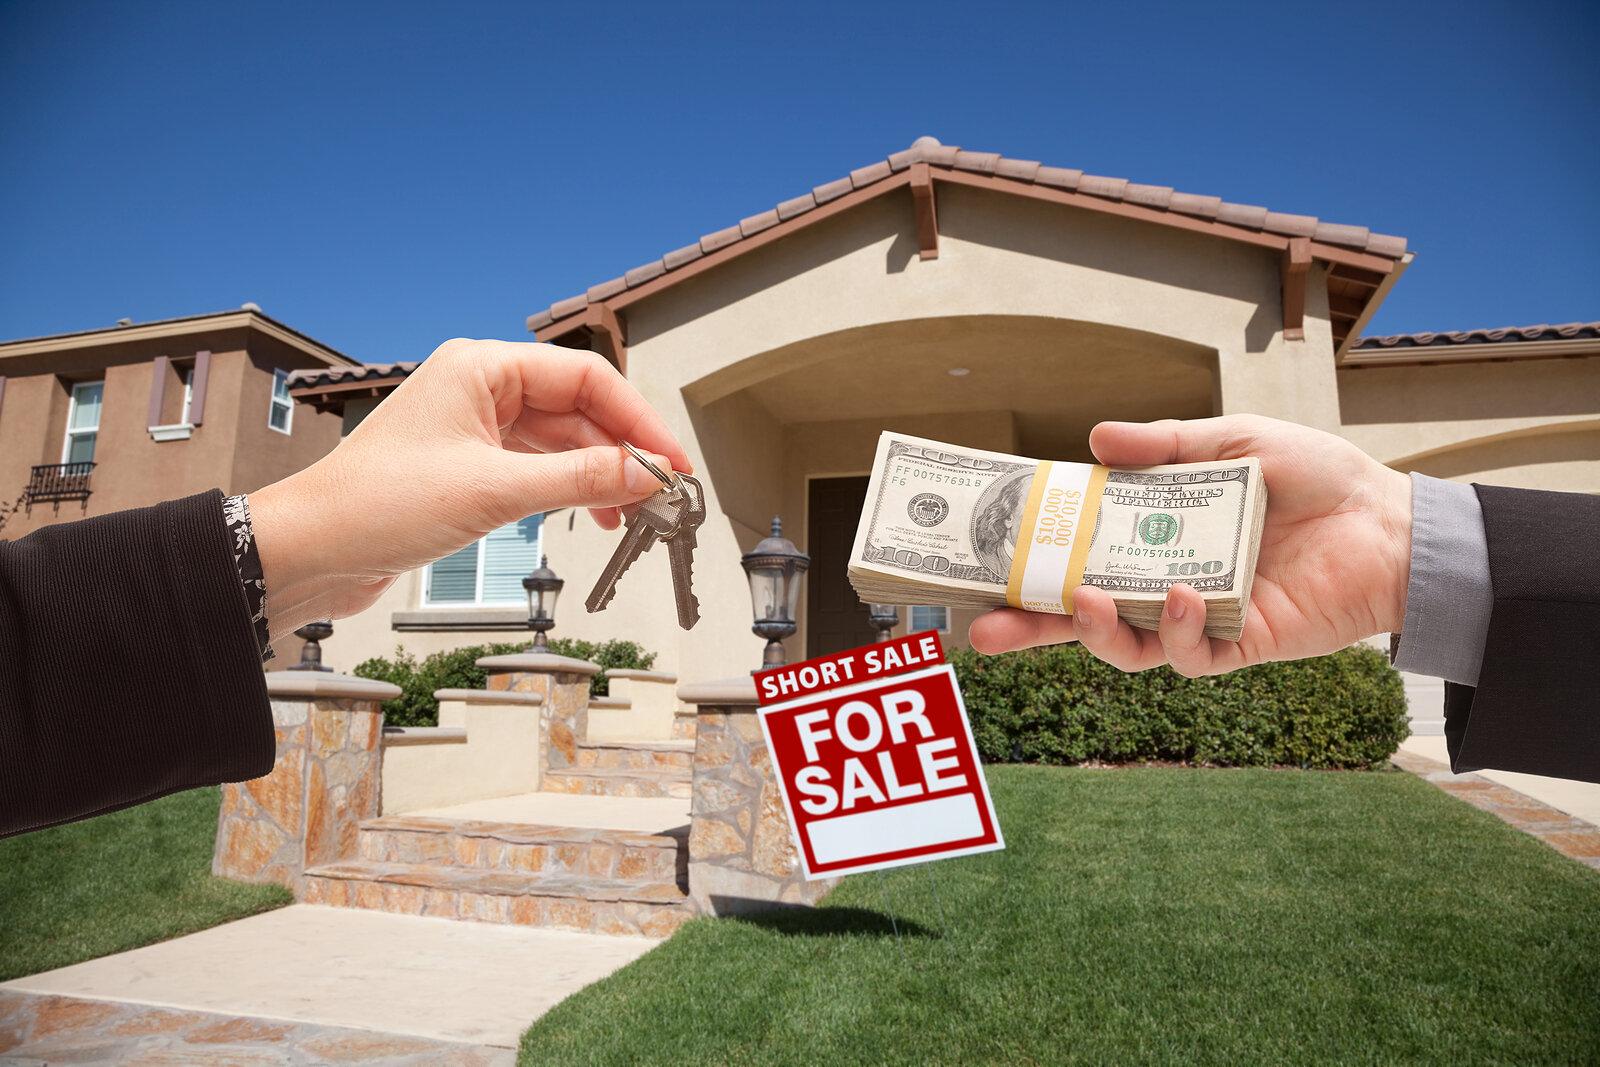 Homebuyers in Bastrop TX